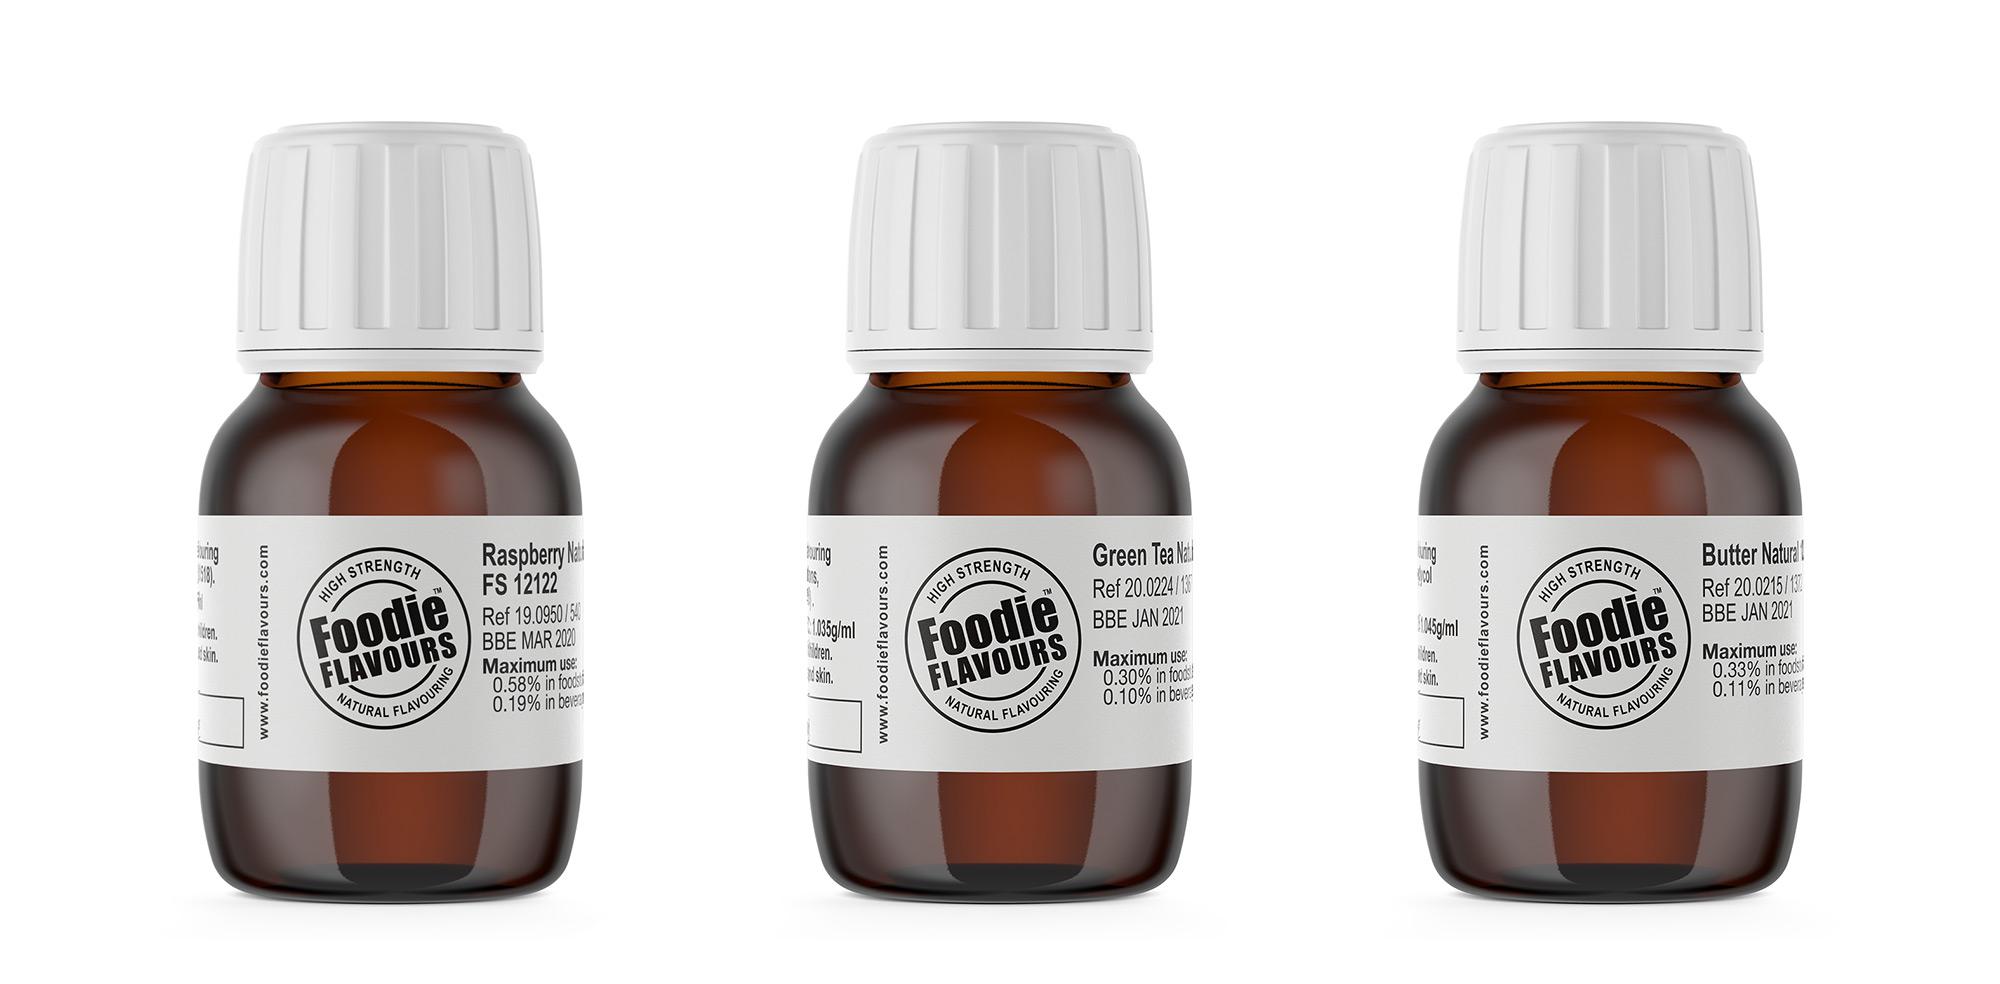 natural flavouring sample bottles